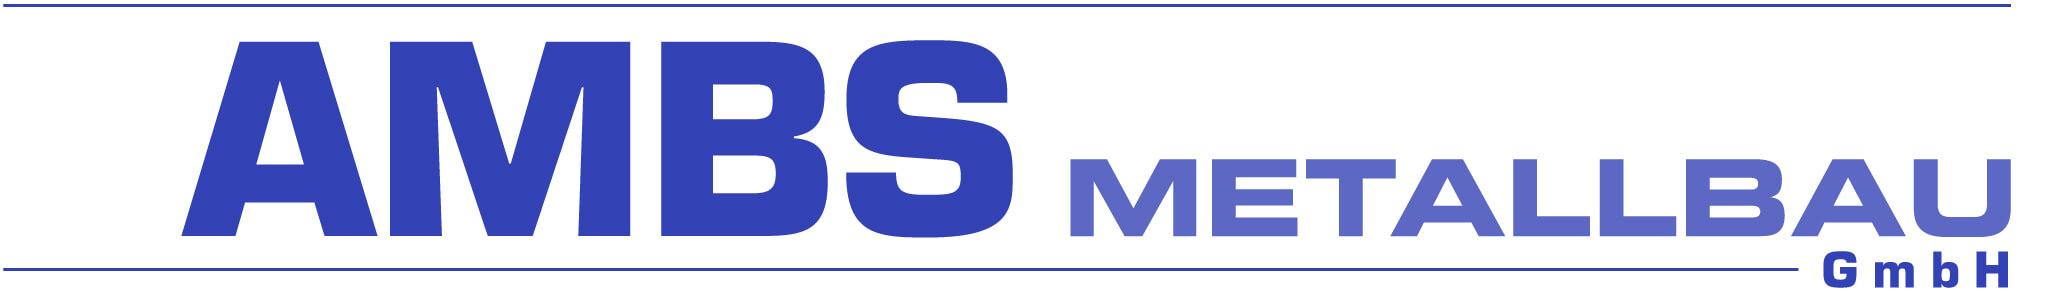 Ambs Metallbau GmbH